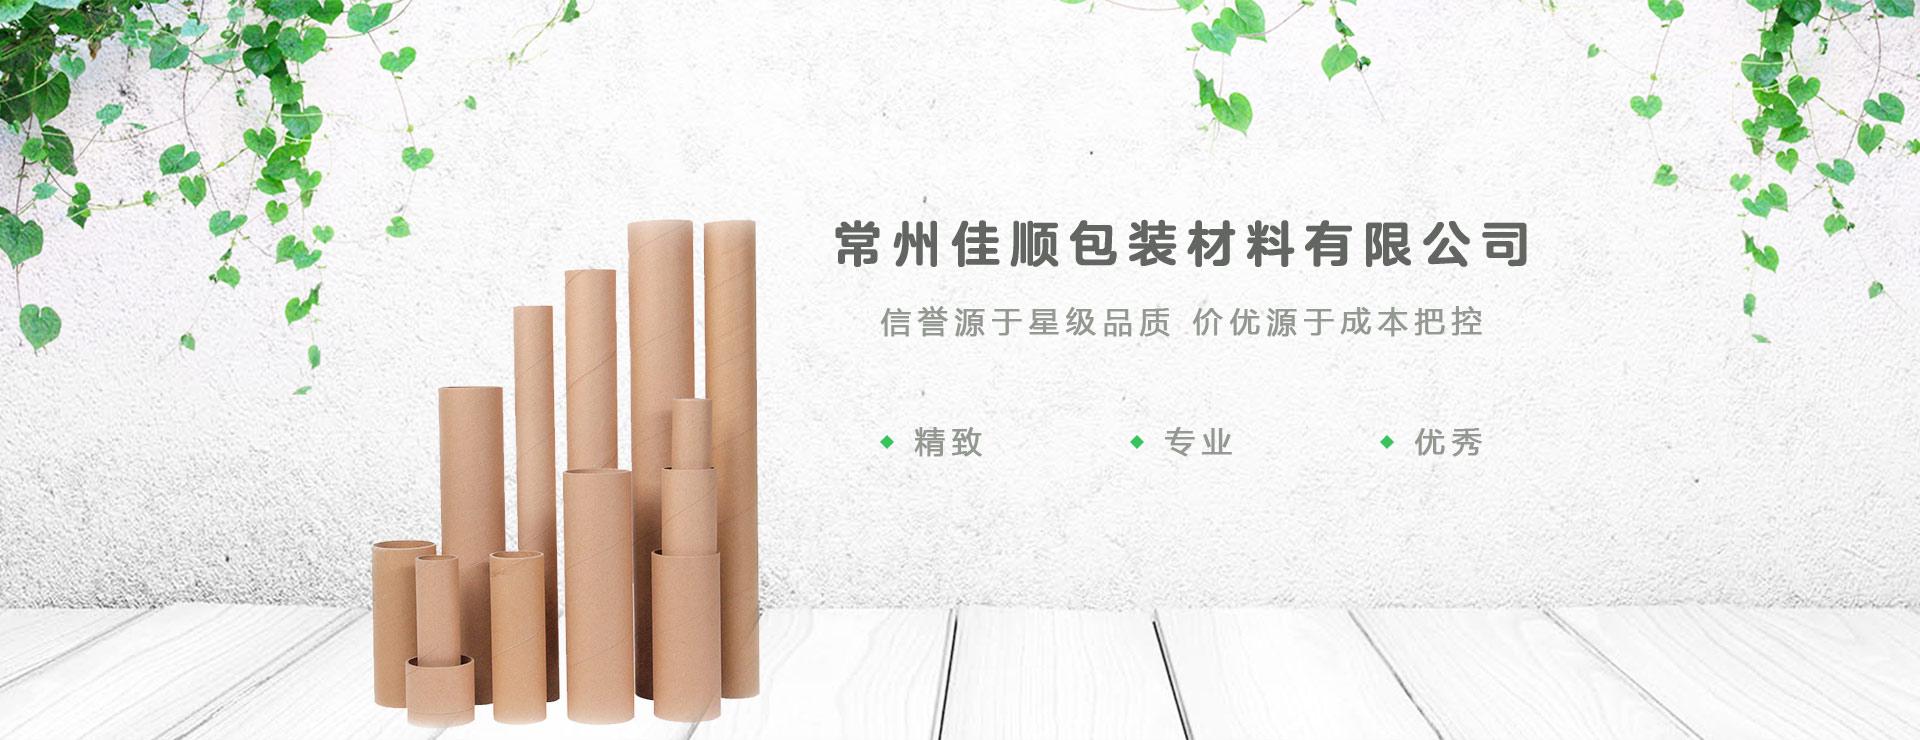 江蘇工業紙管,螺旋紙管生產廠家,化纖紙管